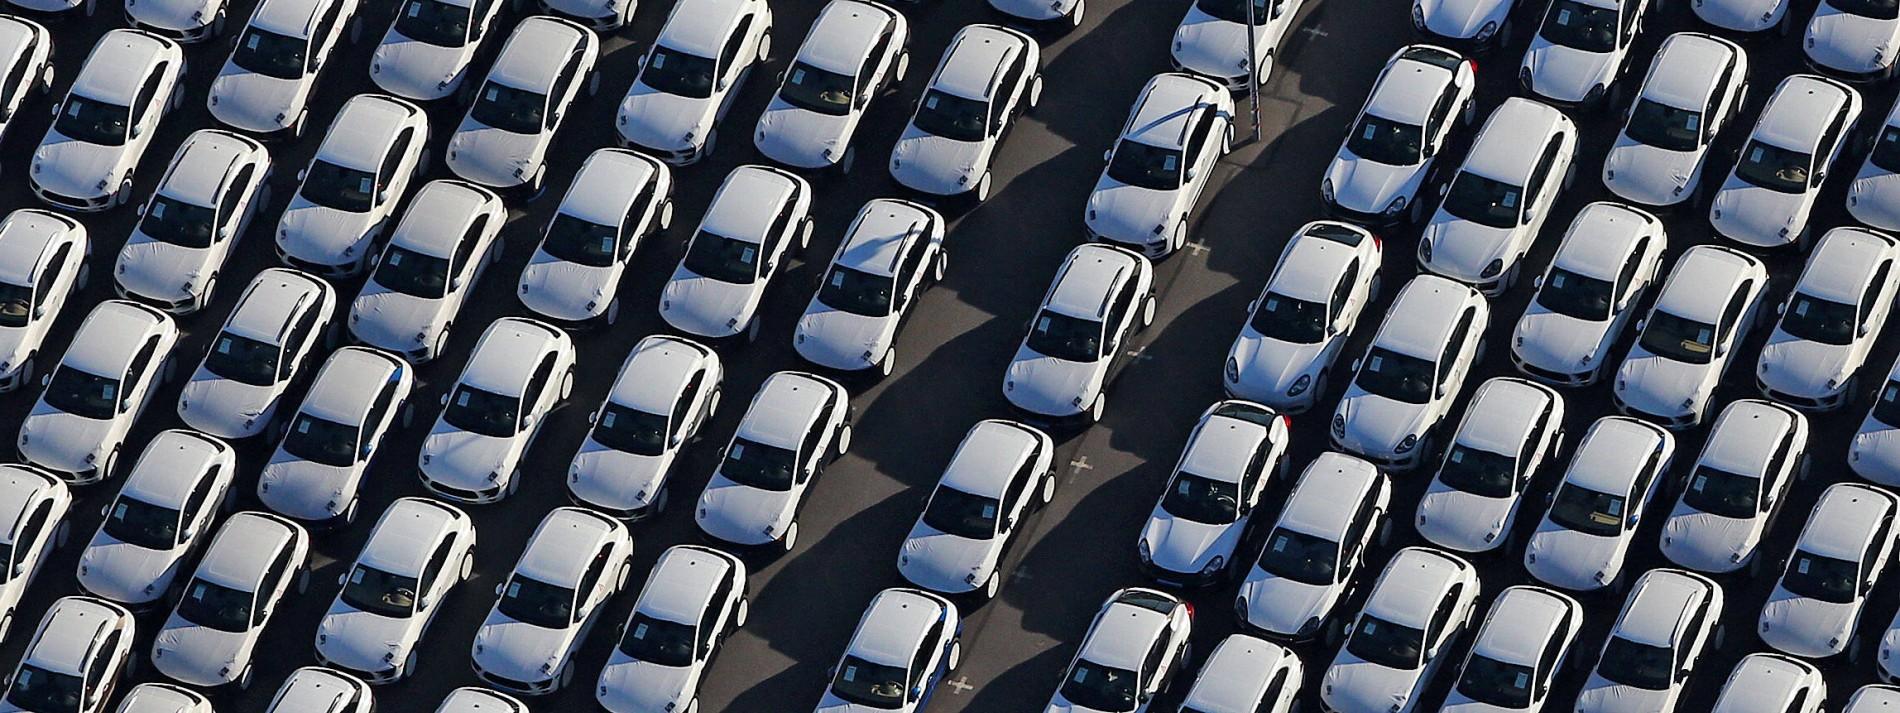 Deutlich mehr E-Autos und Hybride zugelassen